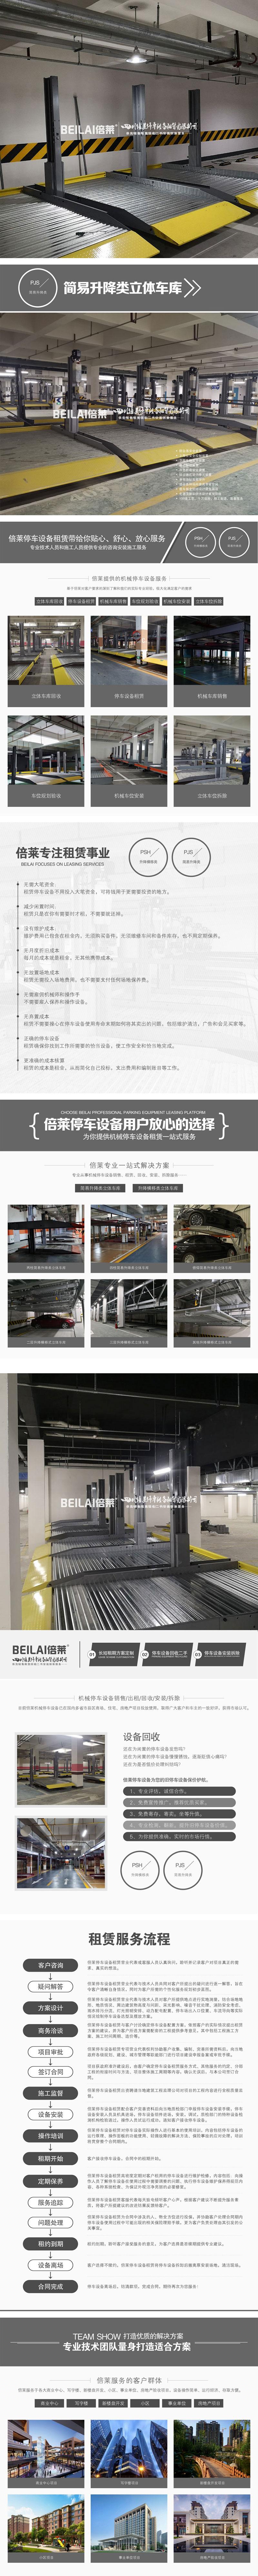 四川立體車庫改造西安立體車庫停車倍萊停車設備